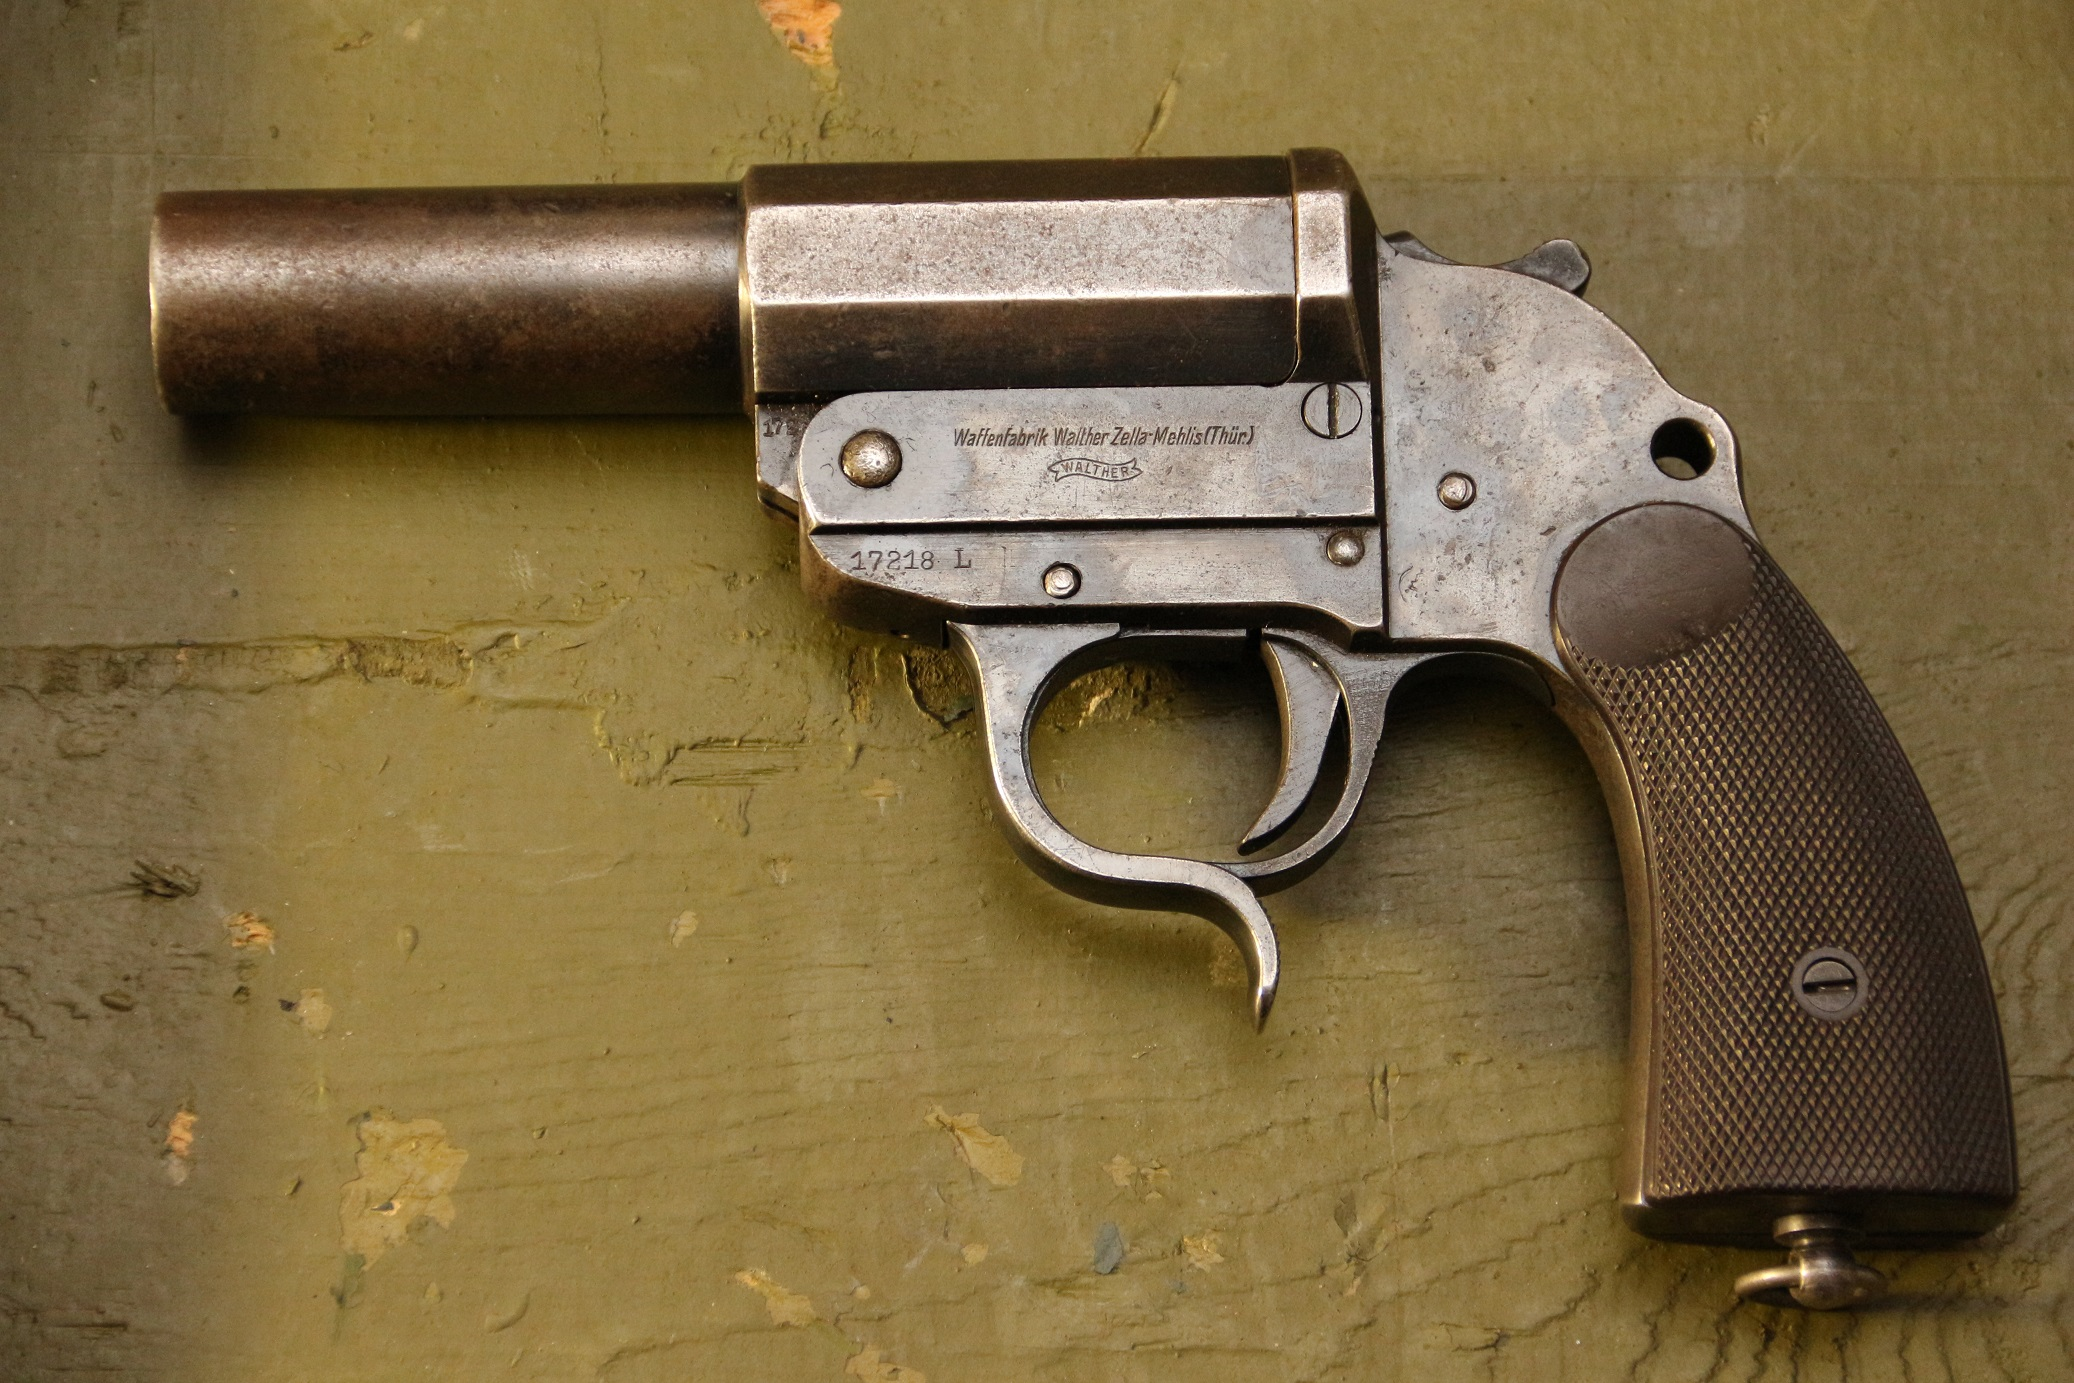 Ракетница Walther LP-34  #17218l, стальная, коллекционное состояние